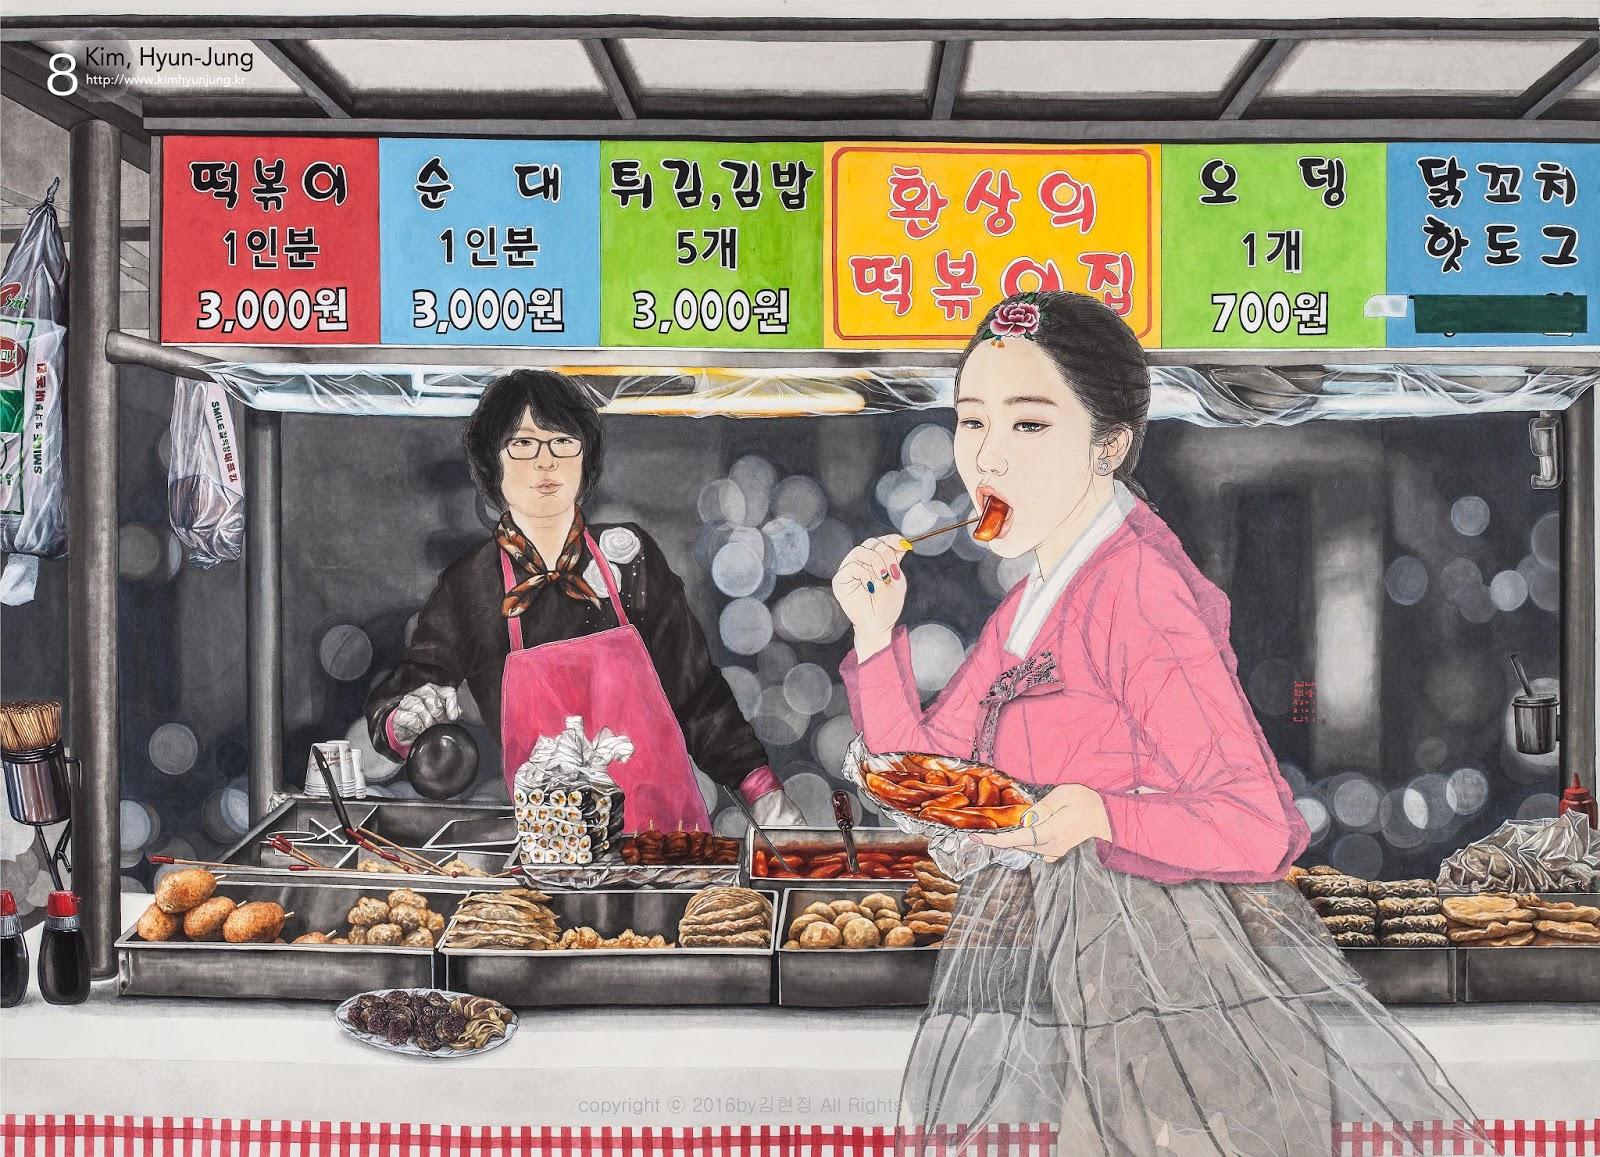 Kim Hyun-Jung